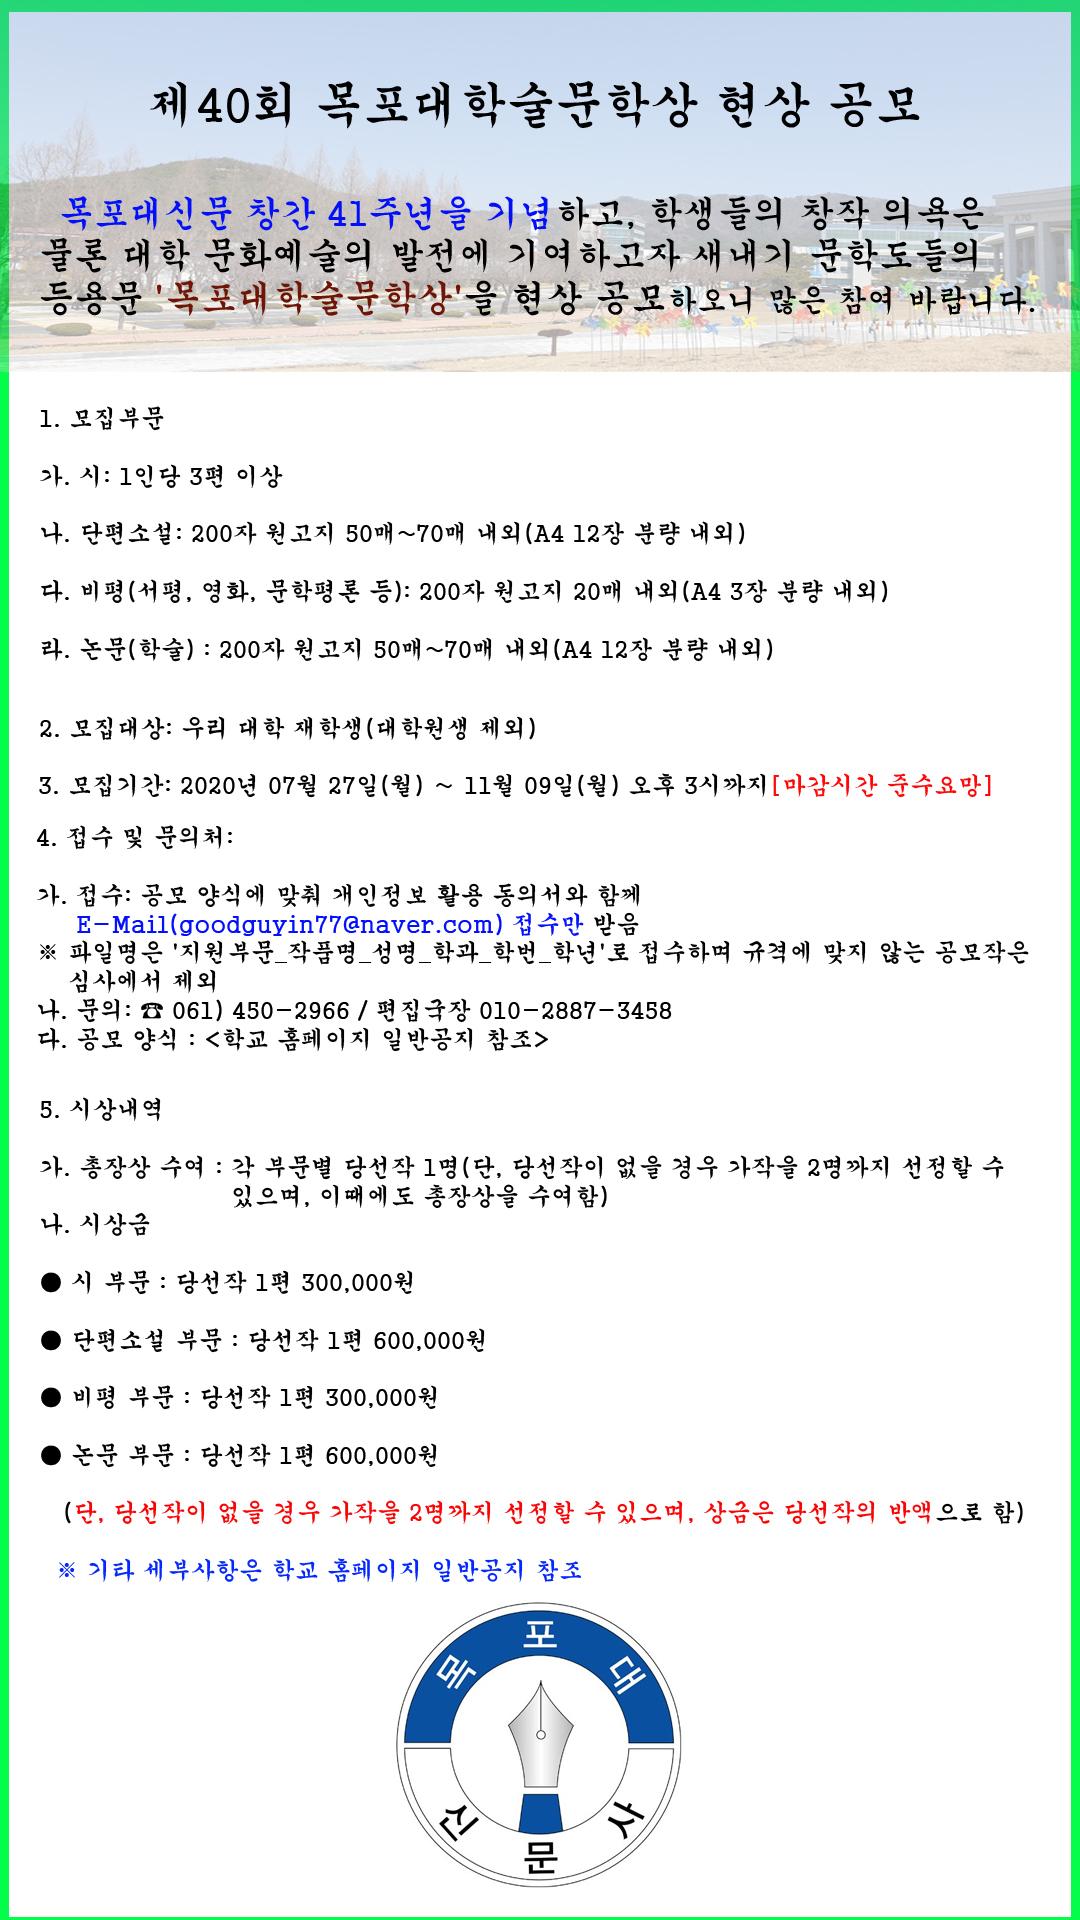 제40회 목포대학술문학상 현상 공모.jpg